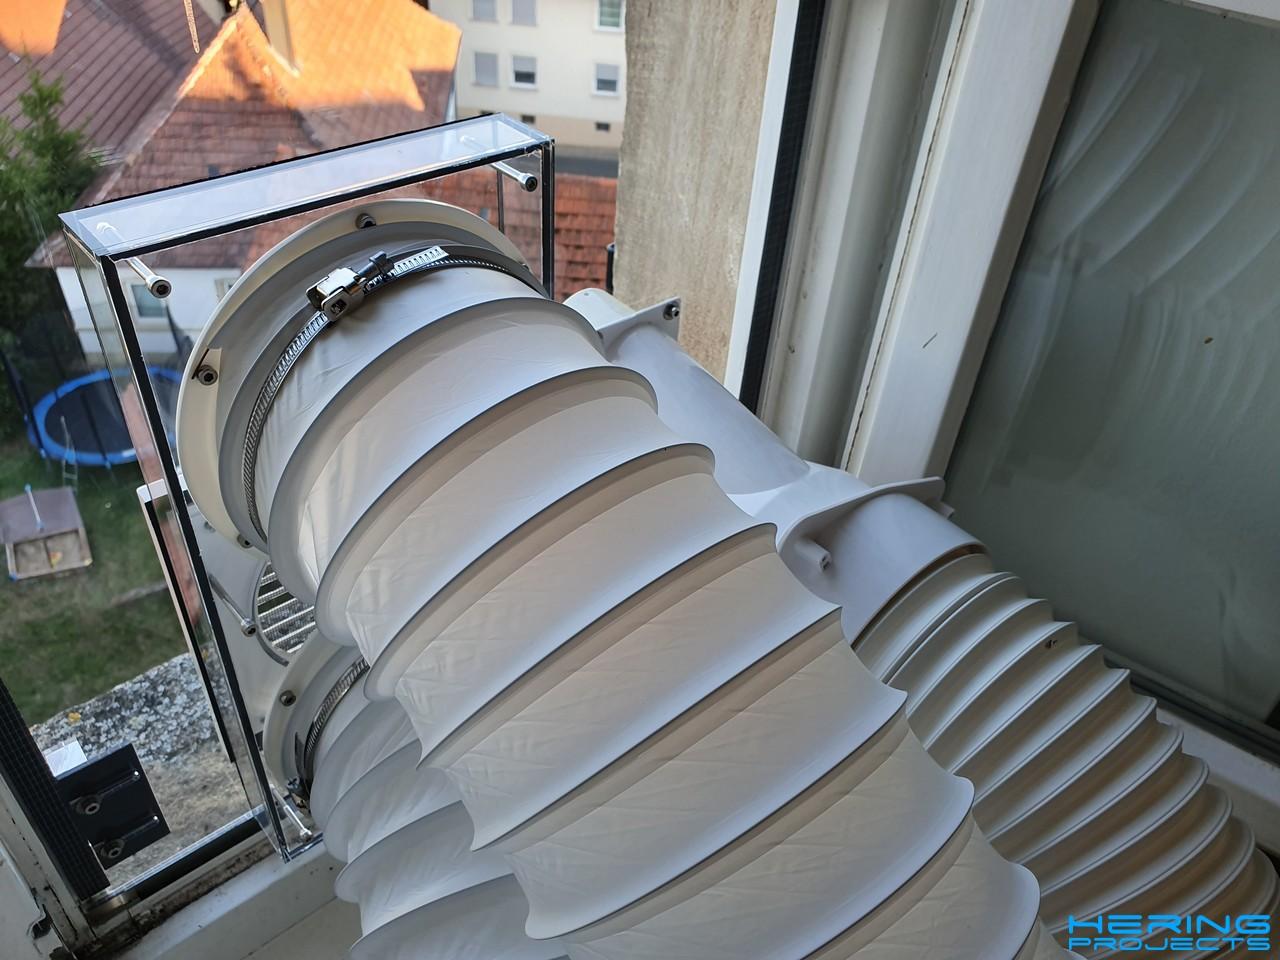 Schläuche am Fensteradapter für die Klimaanlage